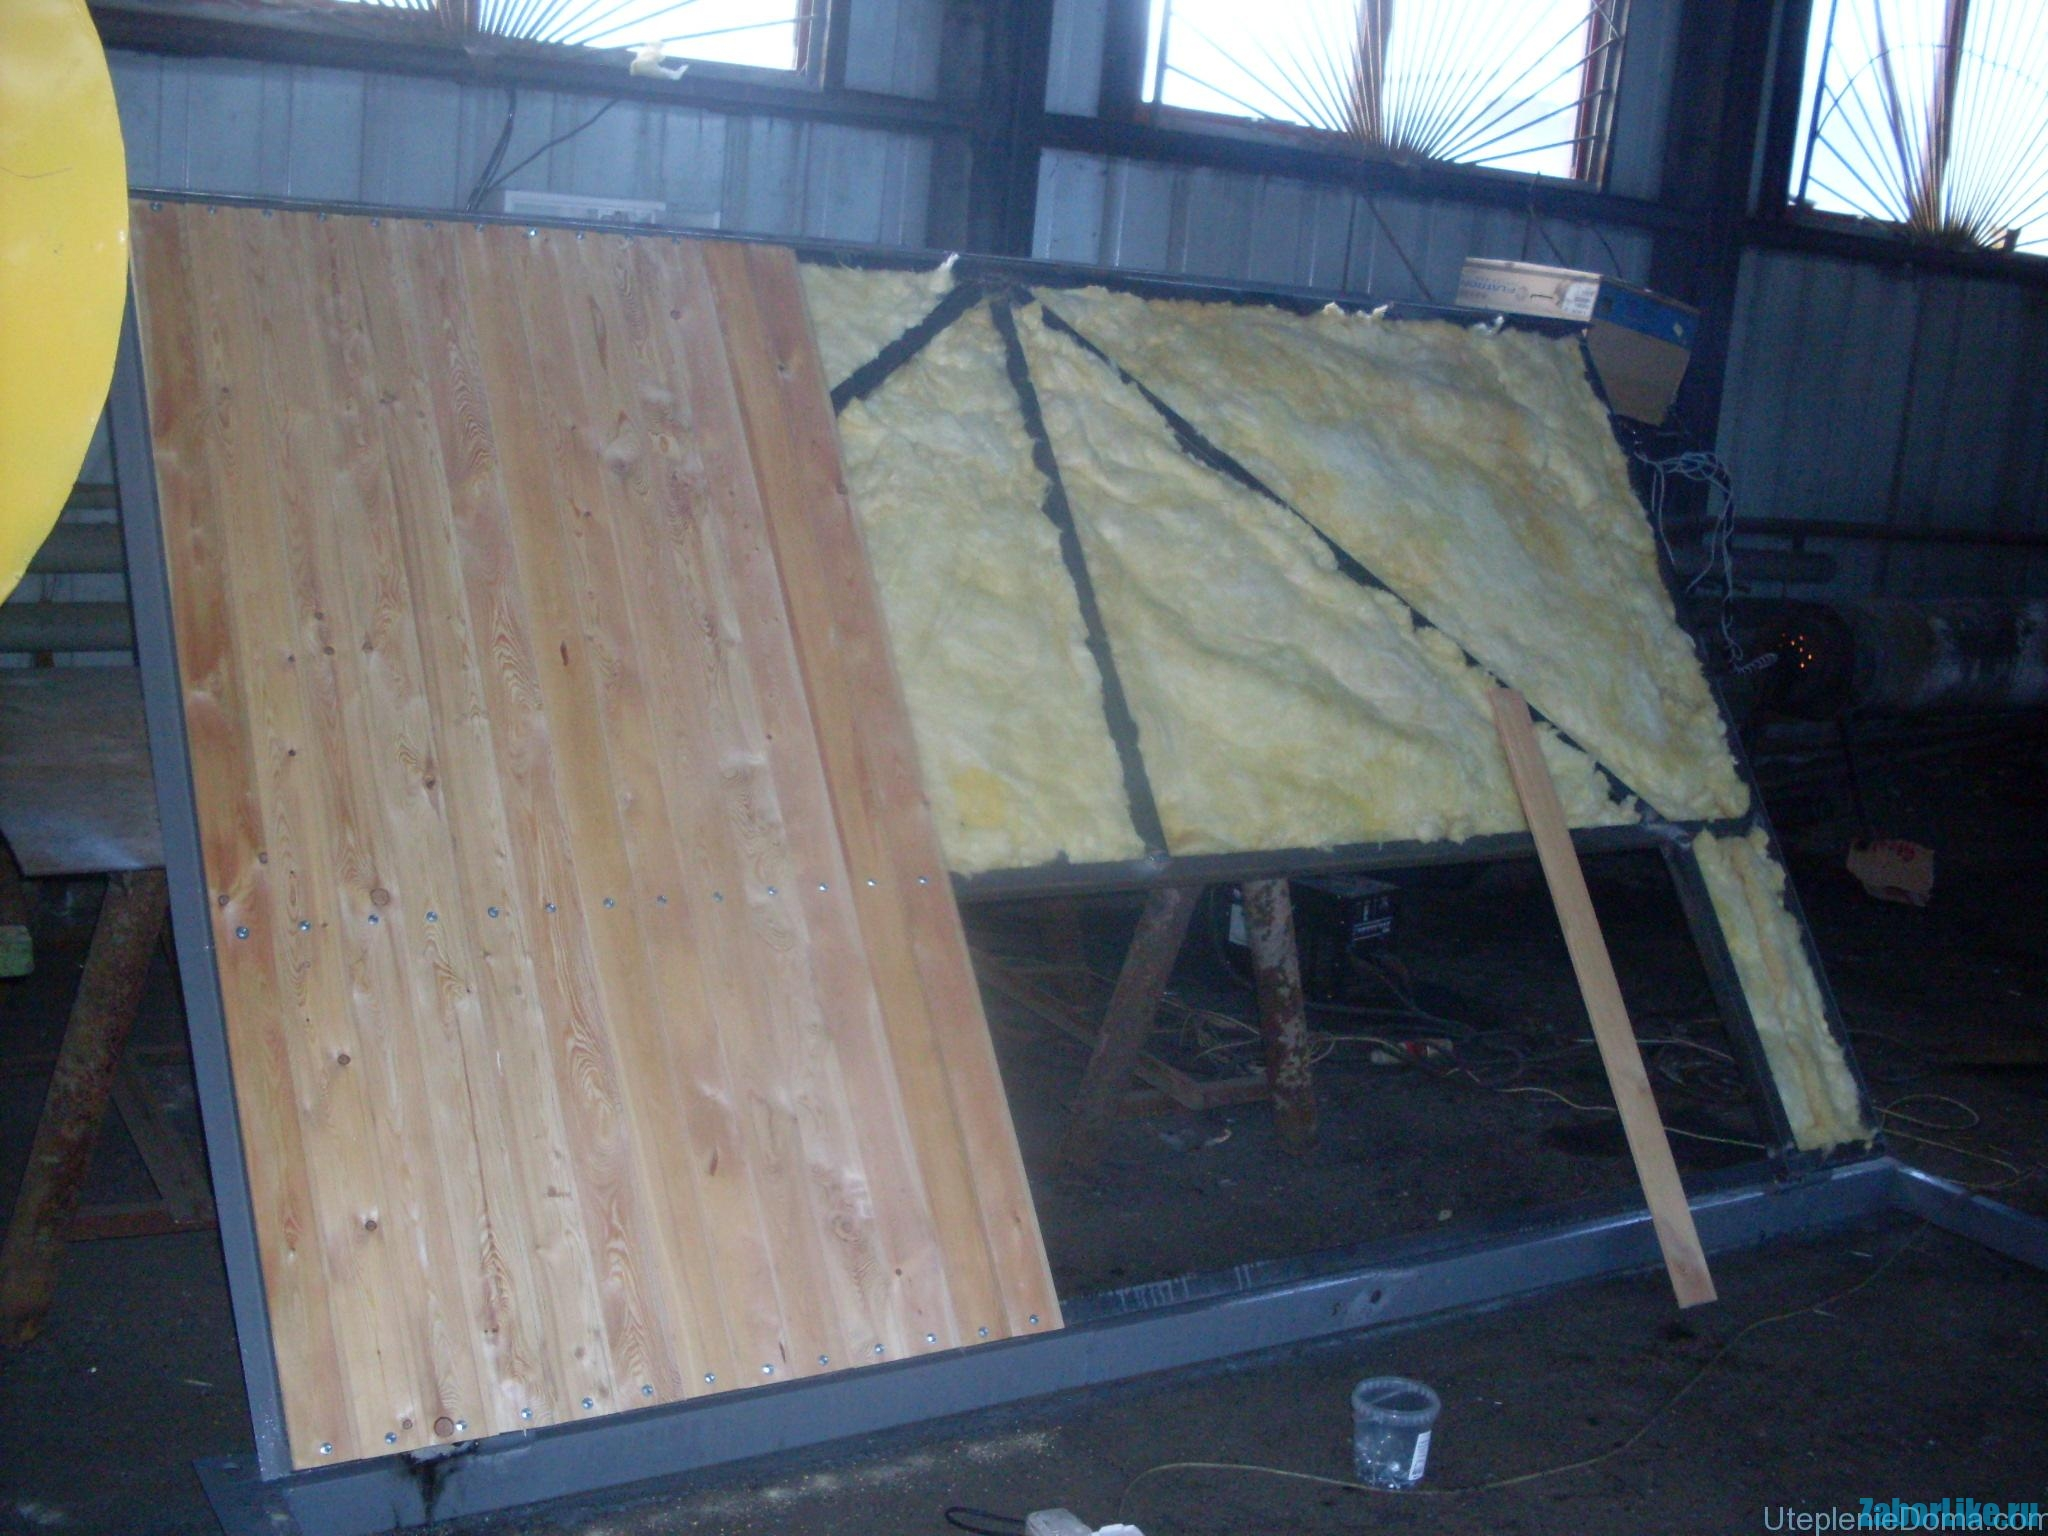 Uteplenie-garazhnyh-vorot-mineralnoj-vatoj